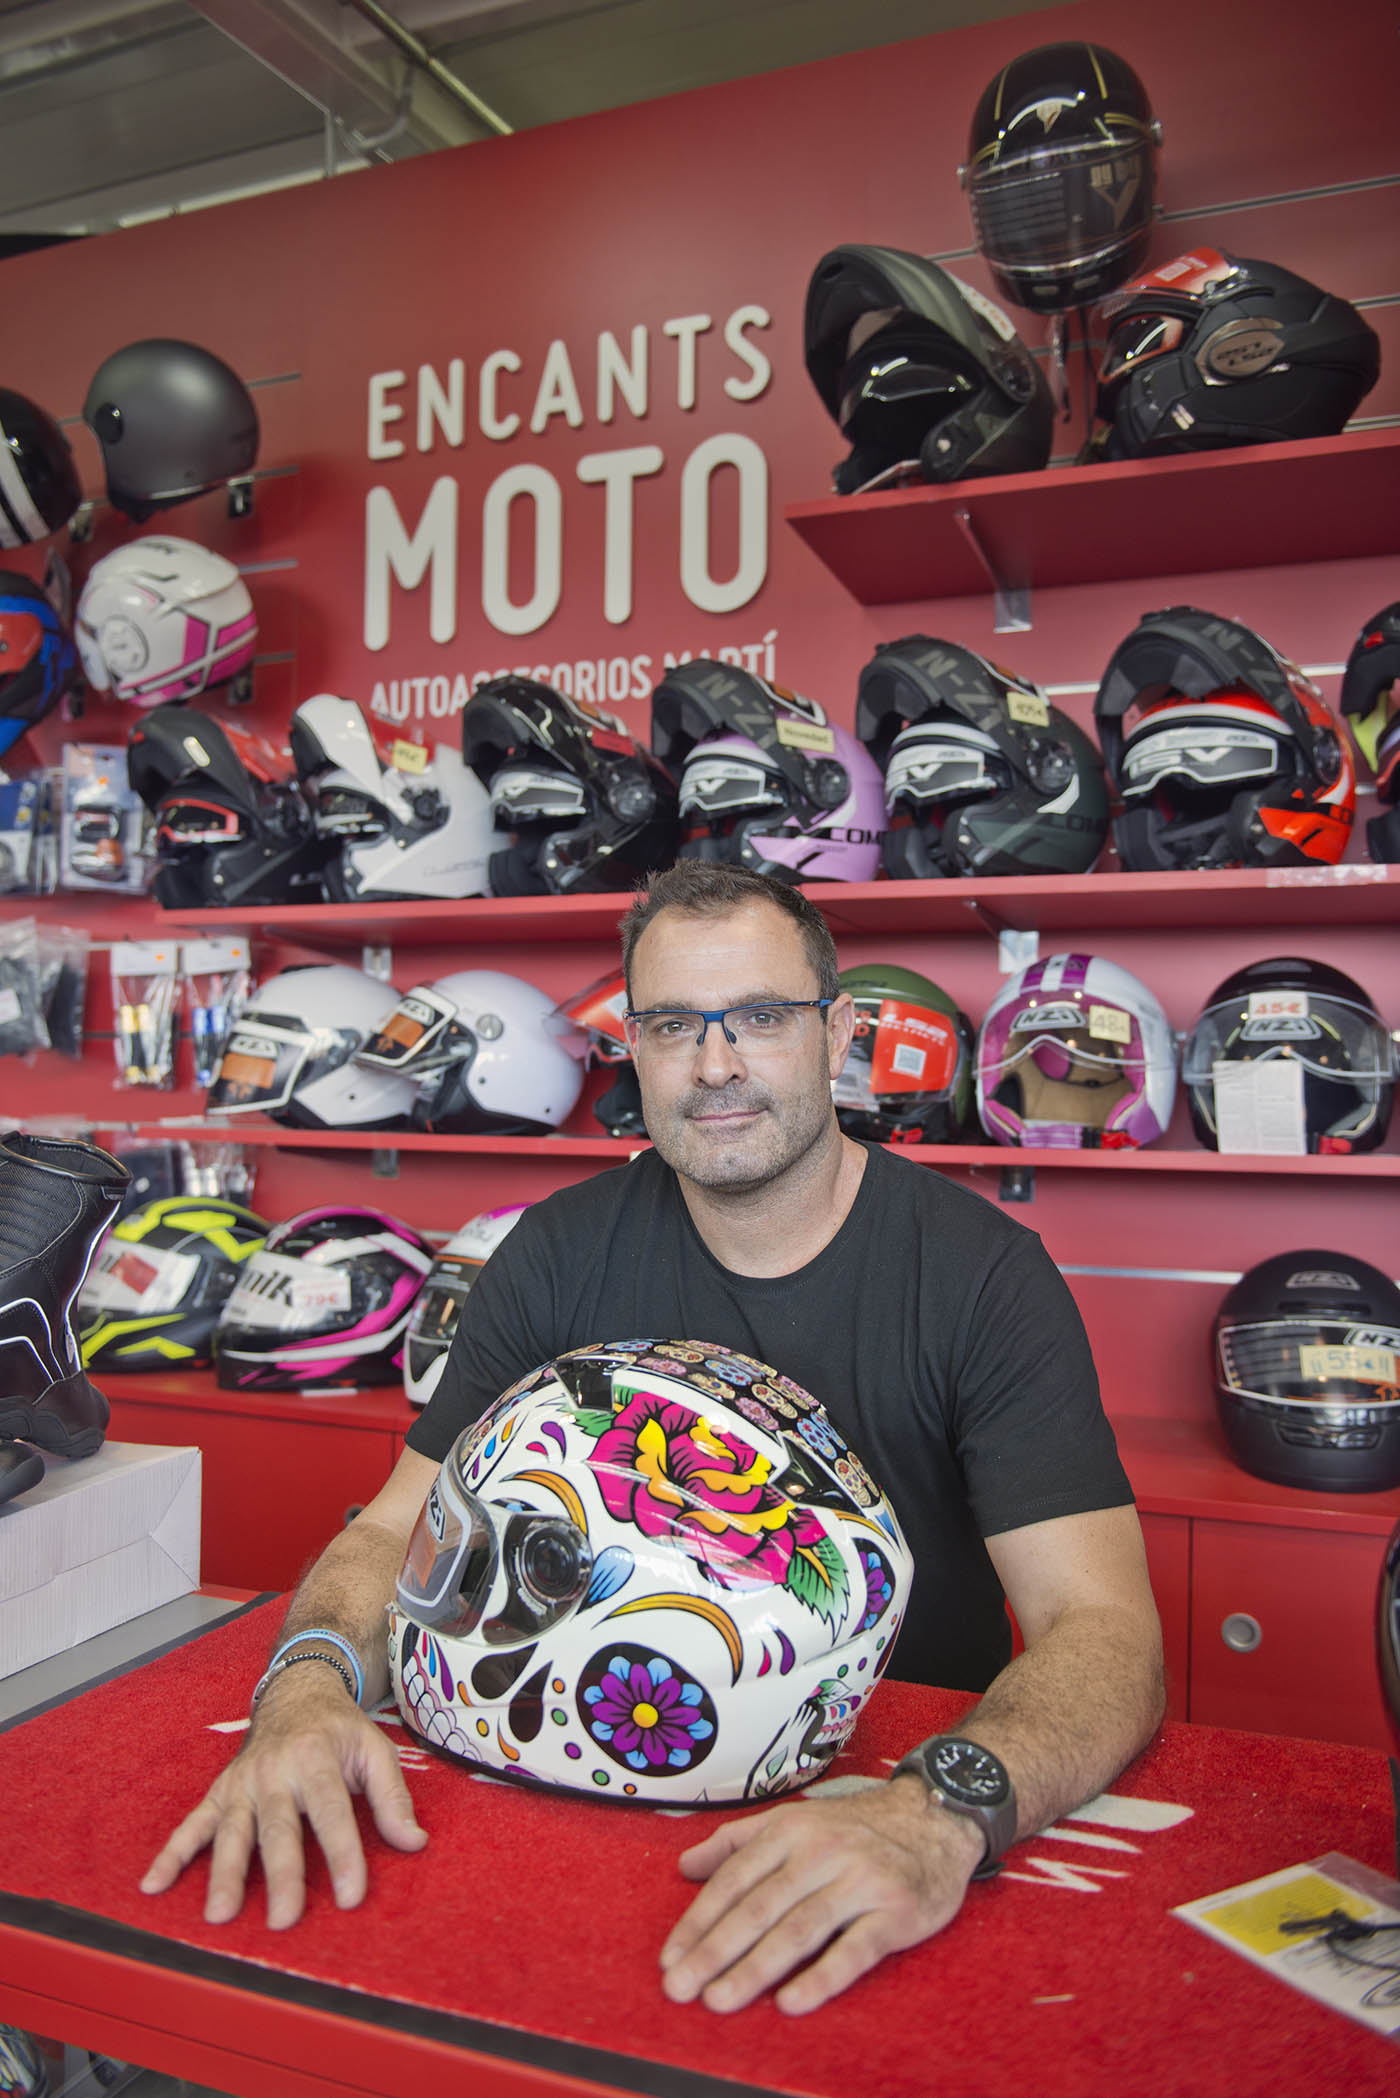 Encants Moto & Bike